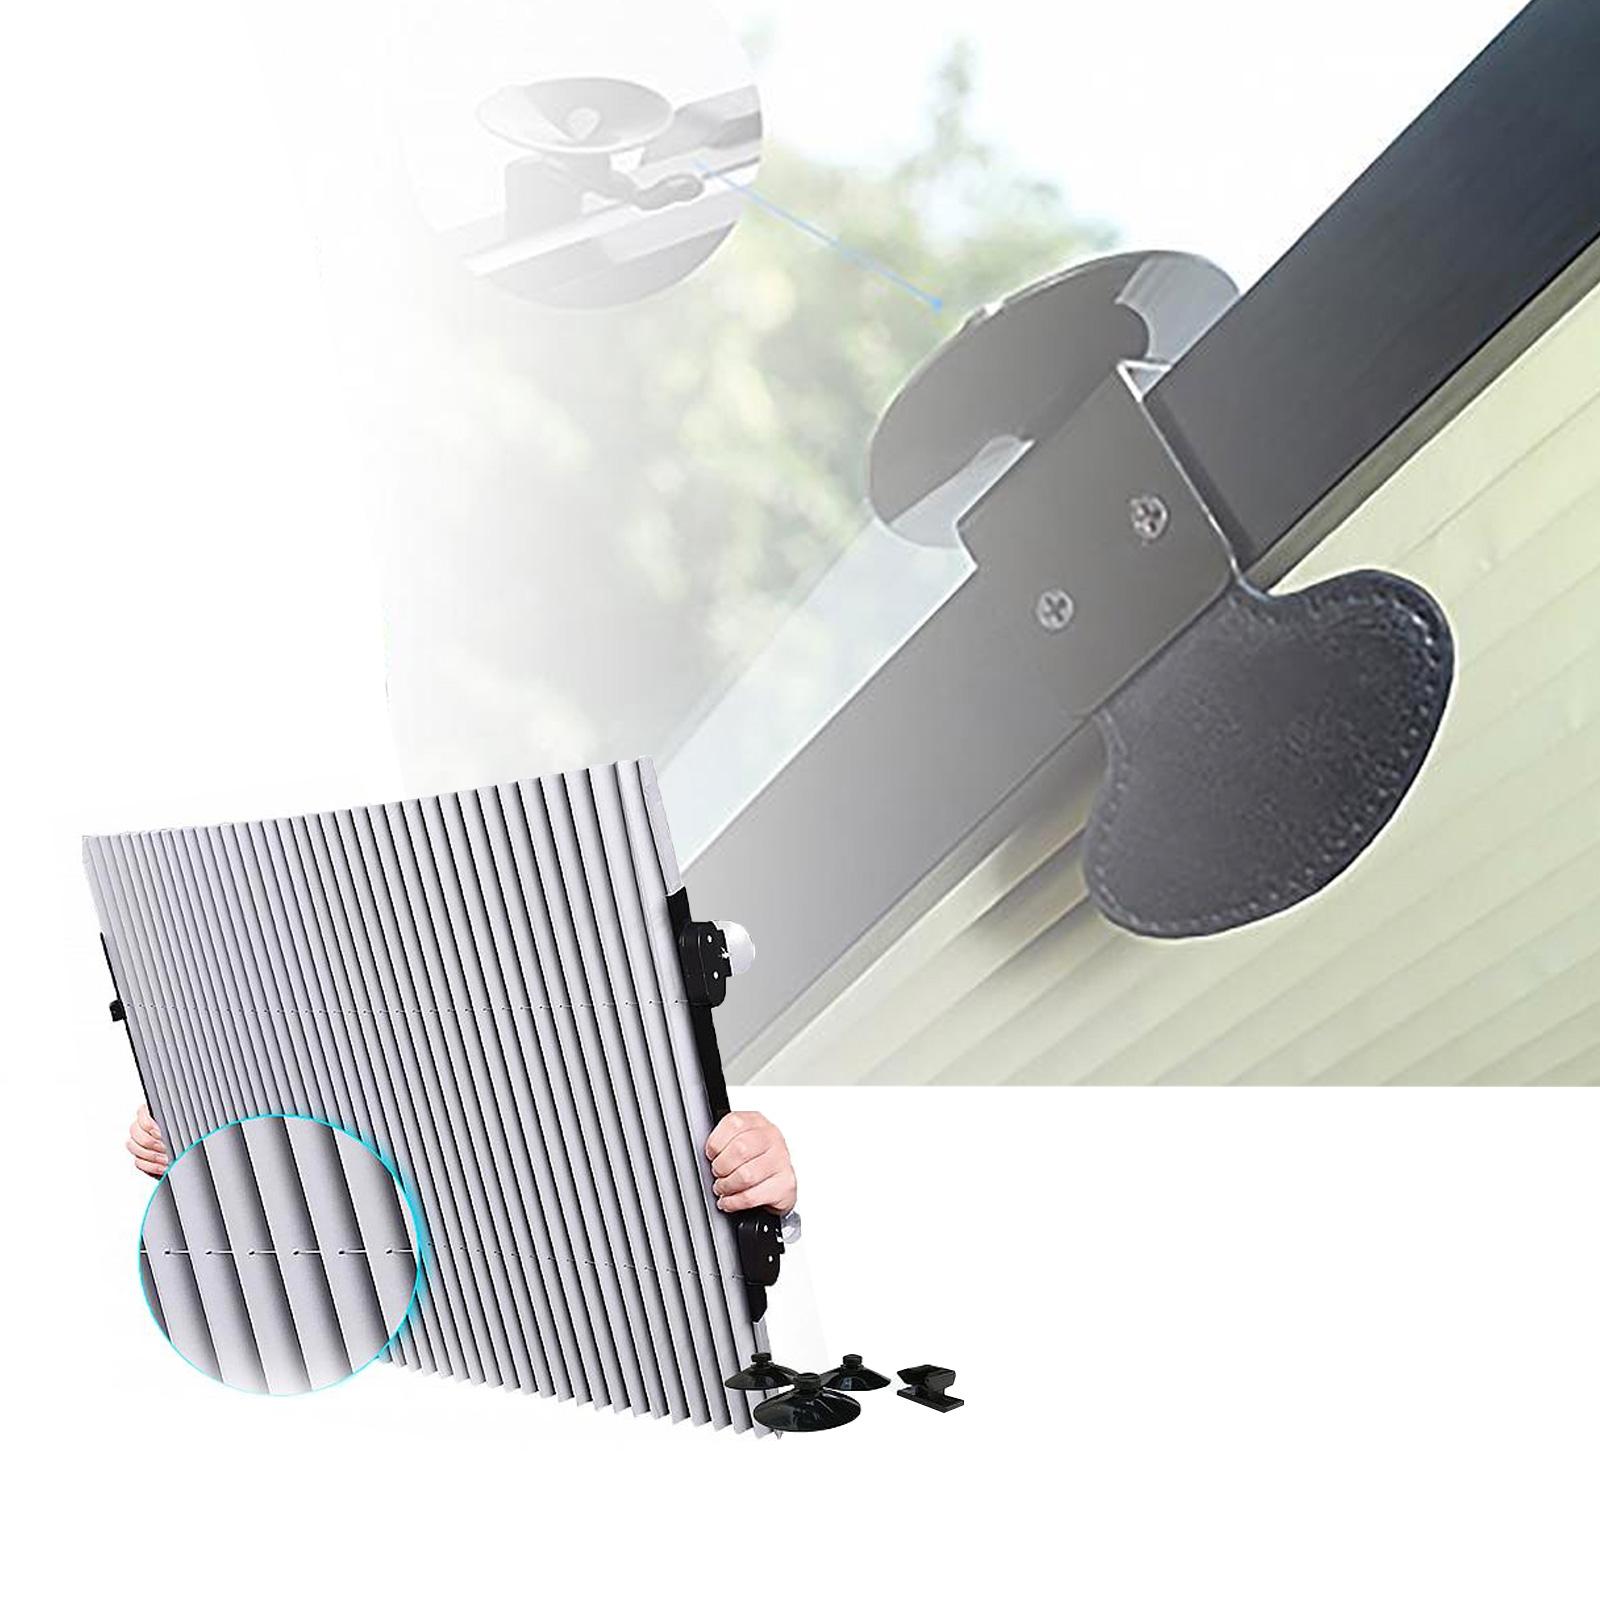 Frontscheibenrollo Plissee für Frontscheibe innen, 80cm, universal